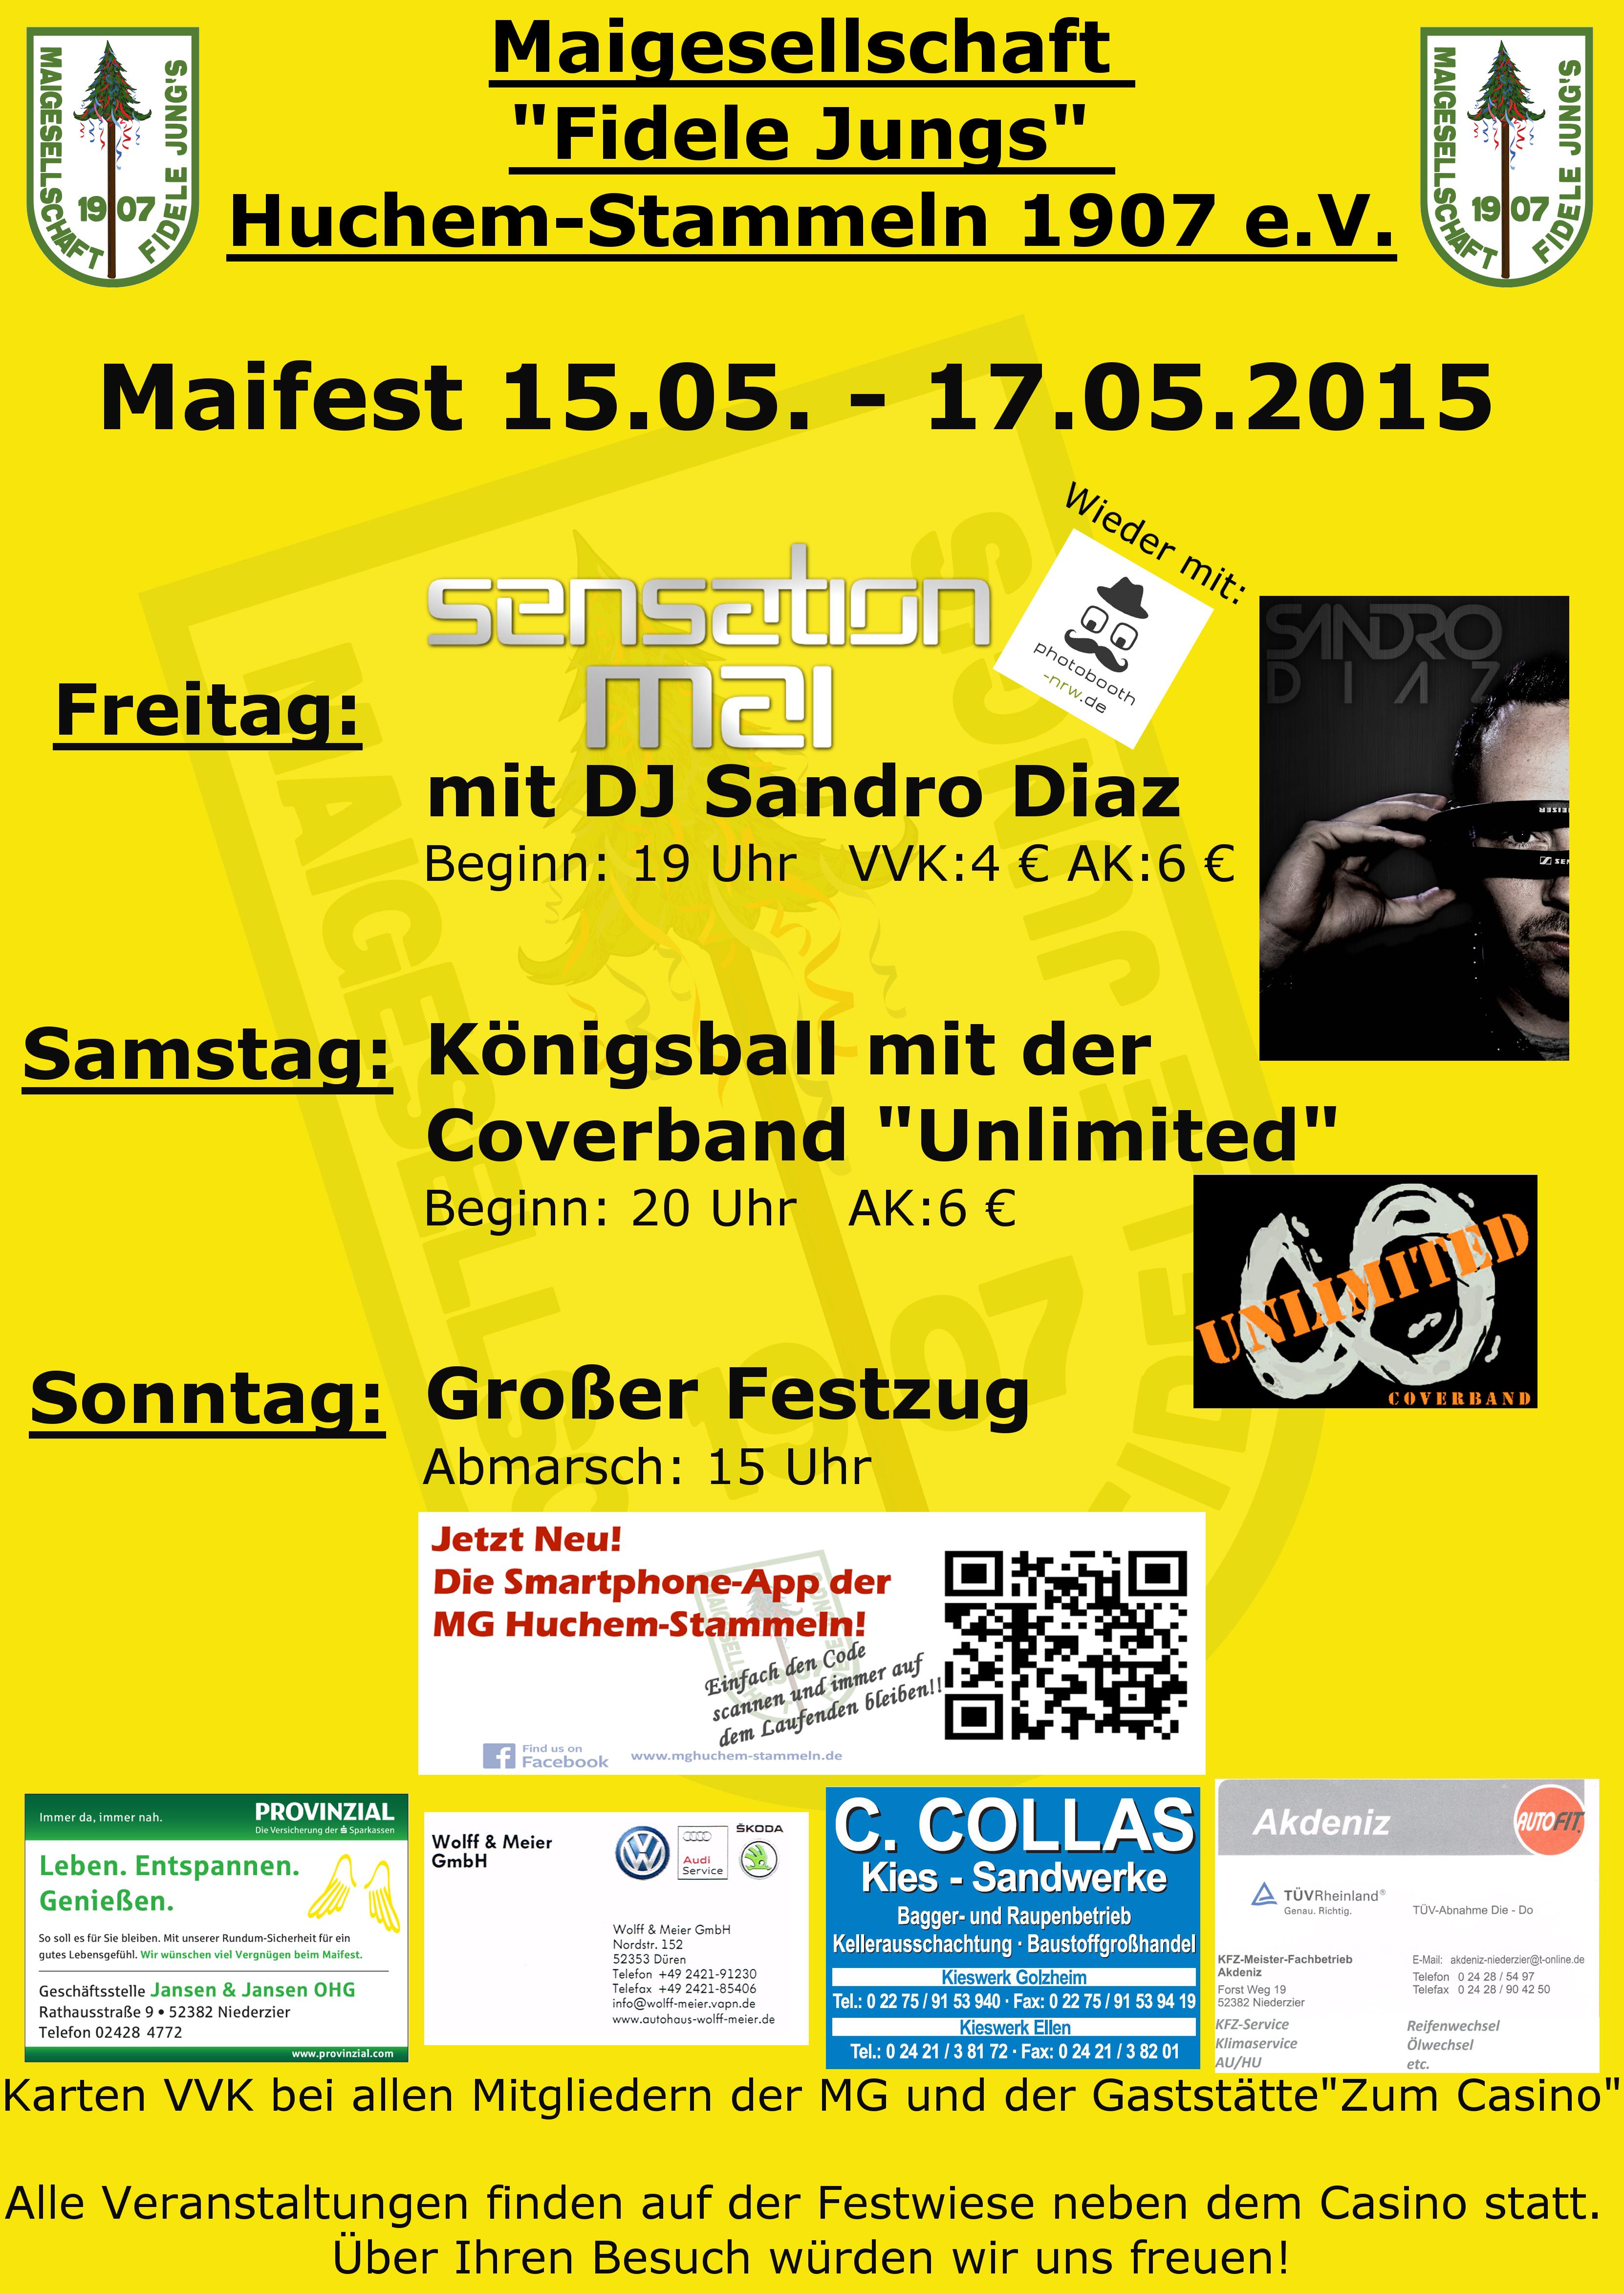 Plakat MaifestmitAppoben-1